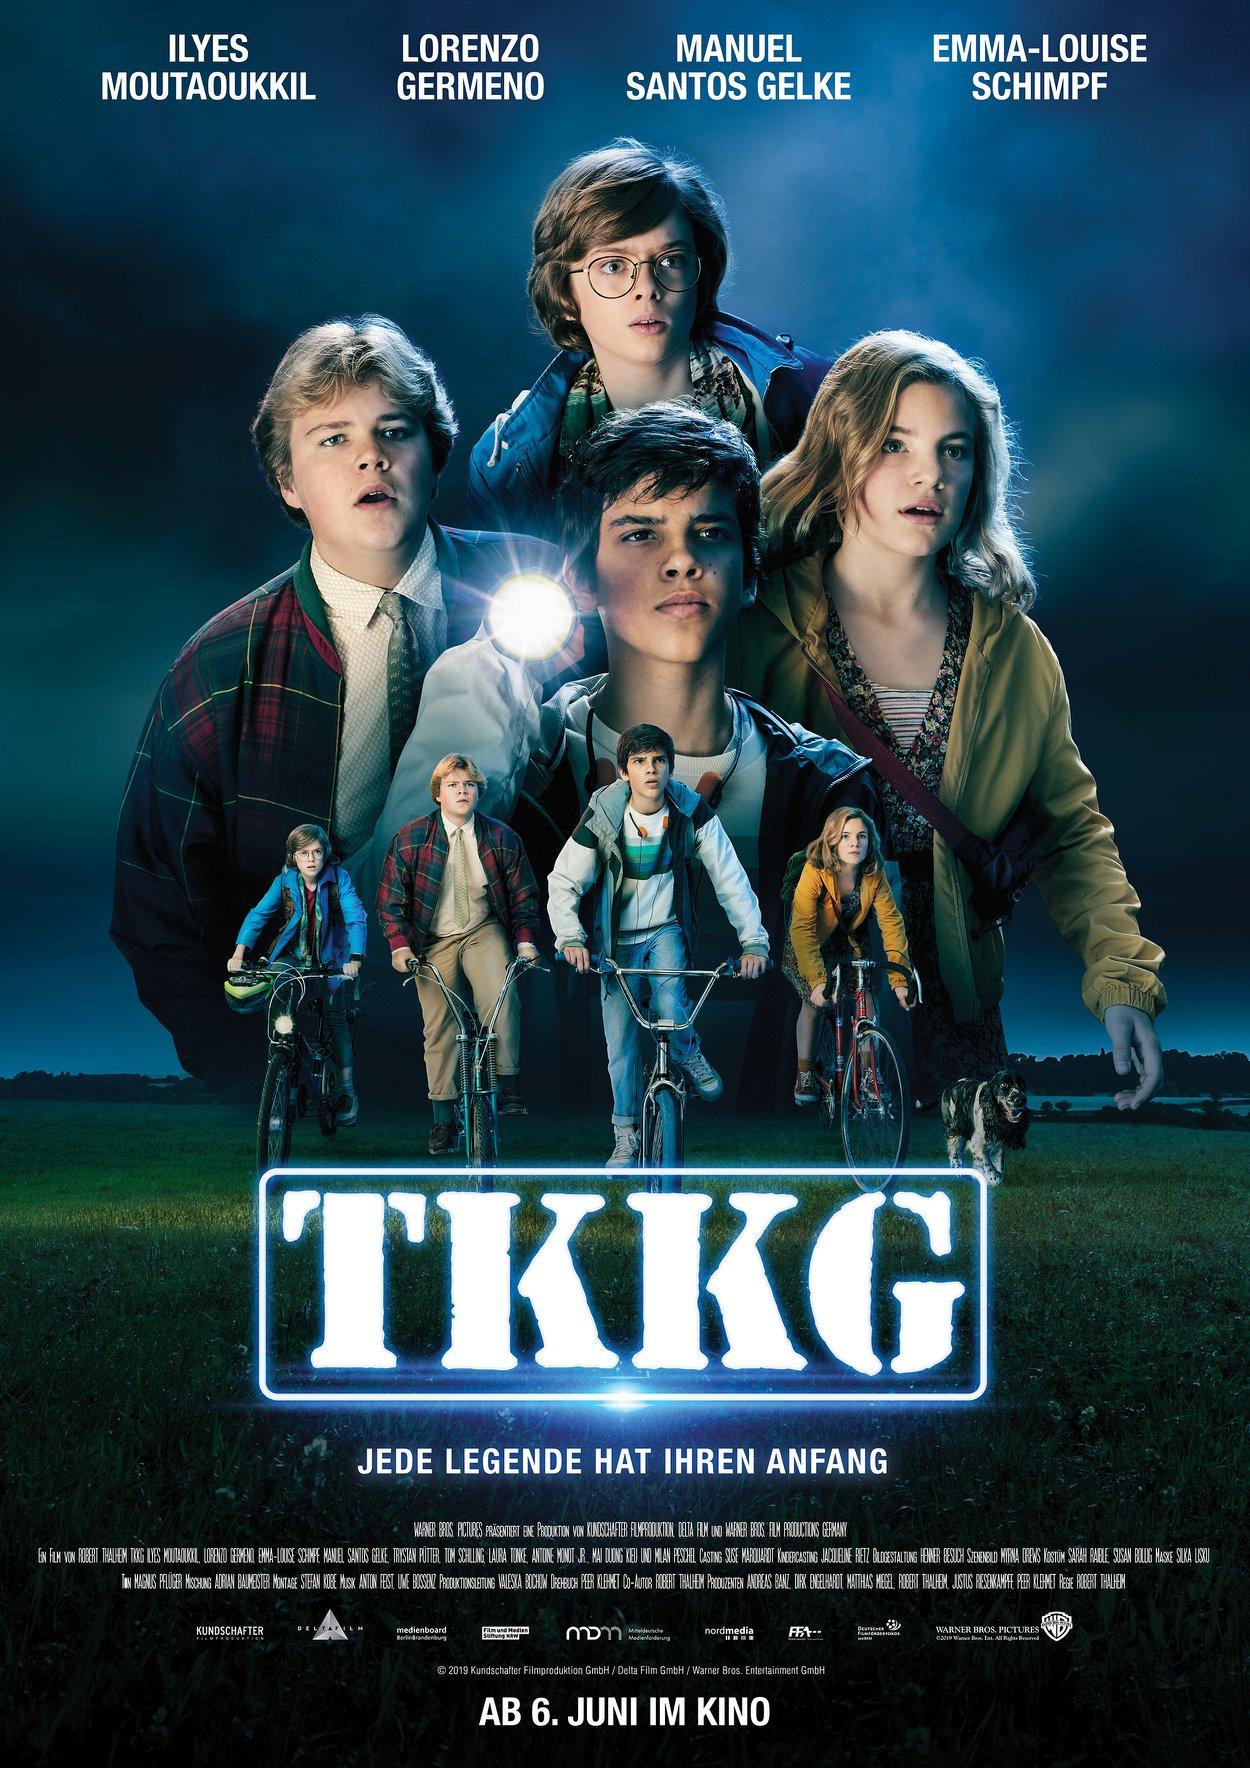 Tkkg Film 2019 Trailer Kritik Kino De